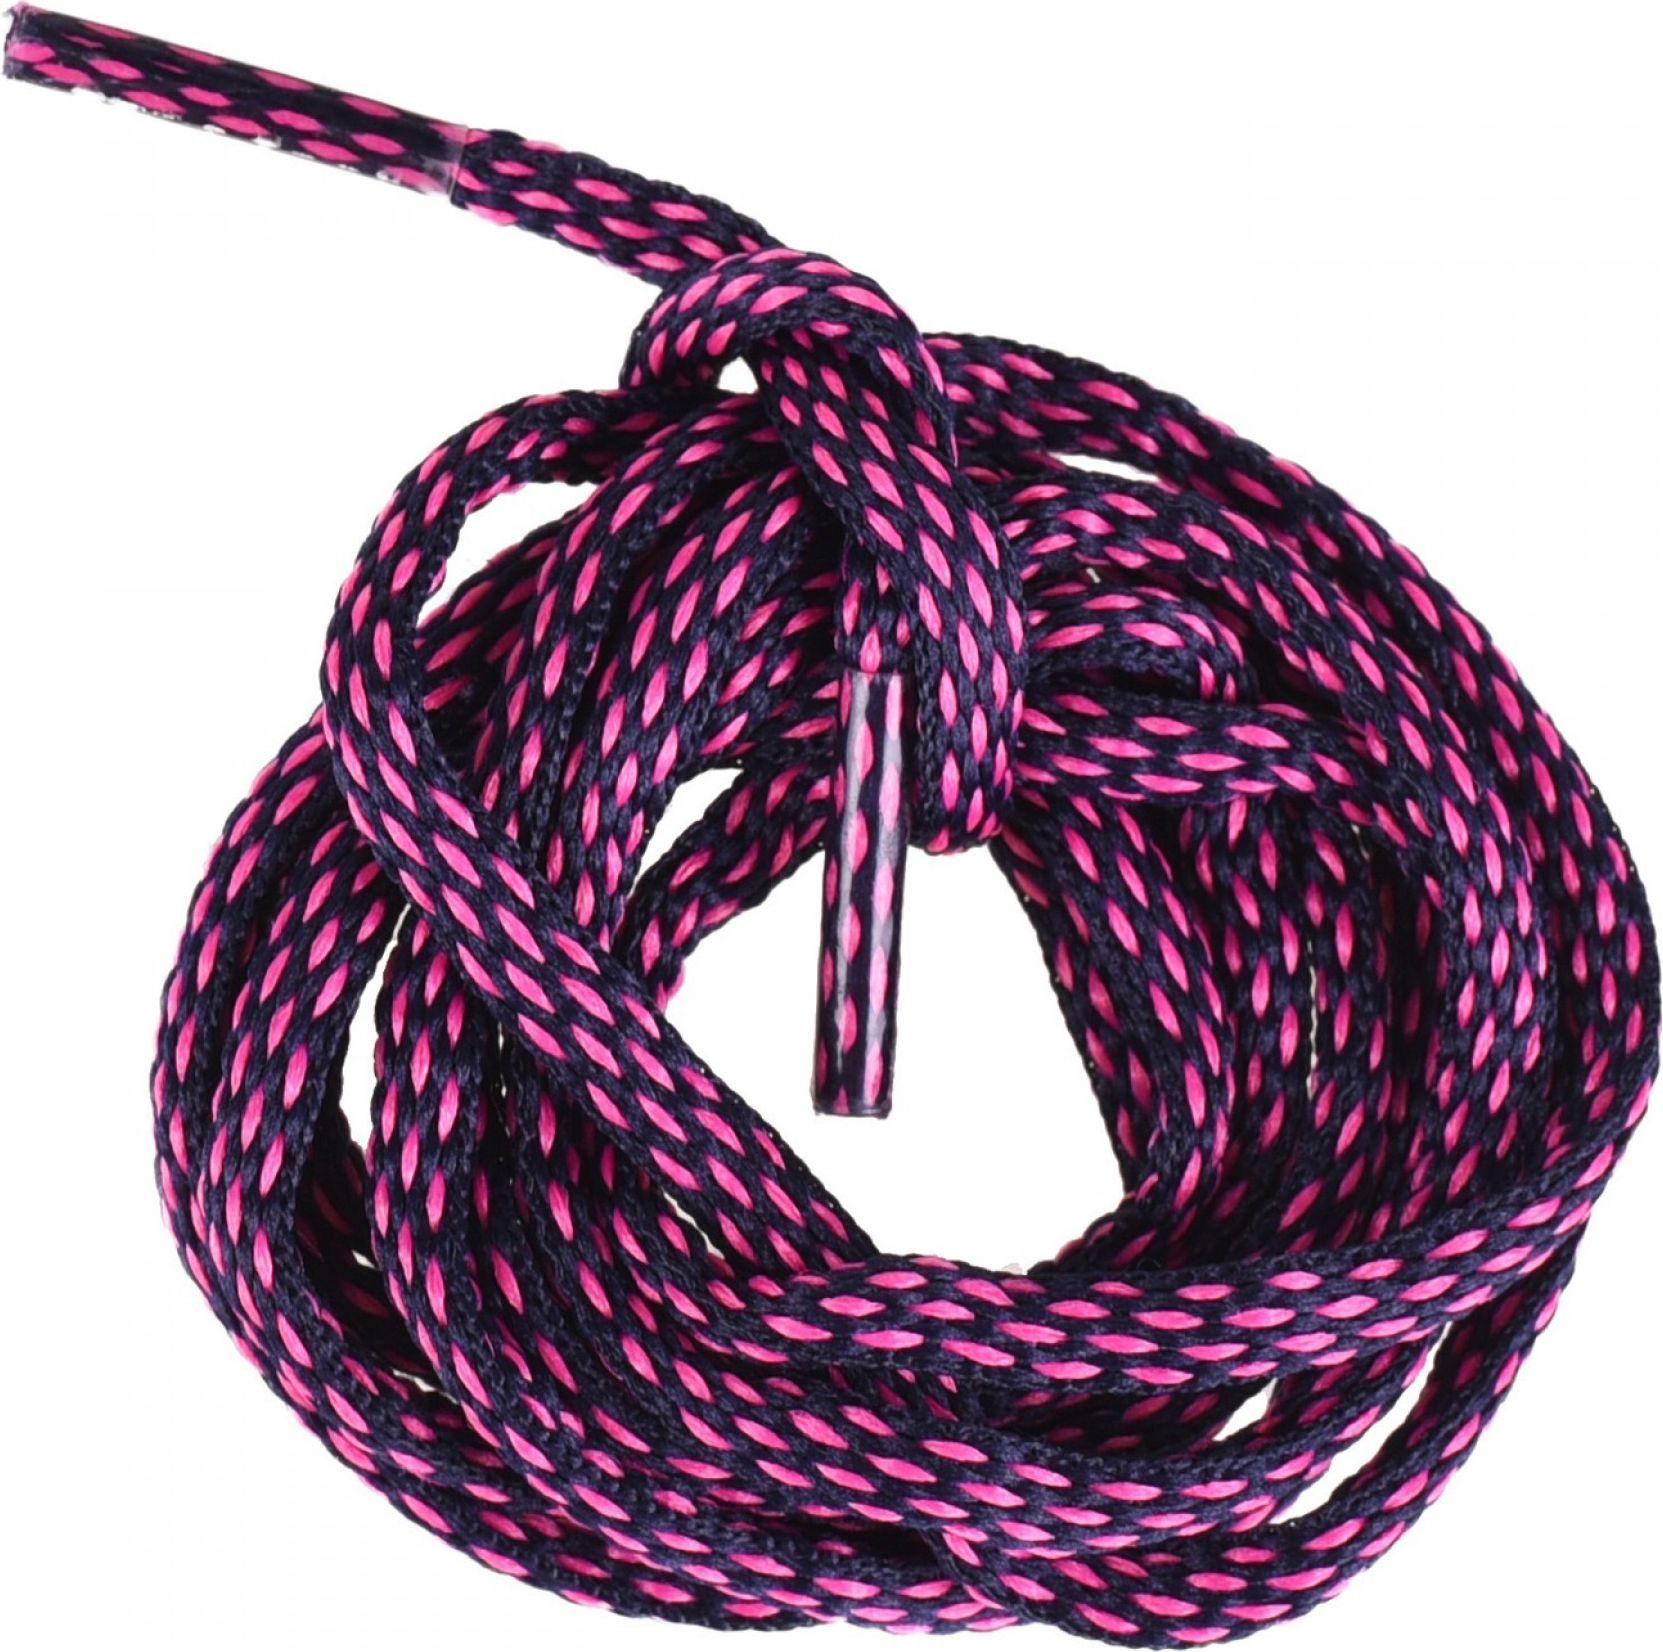 Elbrus Sznurowki Lace Discovery navy/pink 120 cm 5902786056026 Kopšanas līdzekļi apaviem